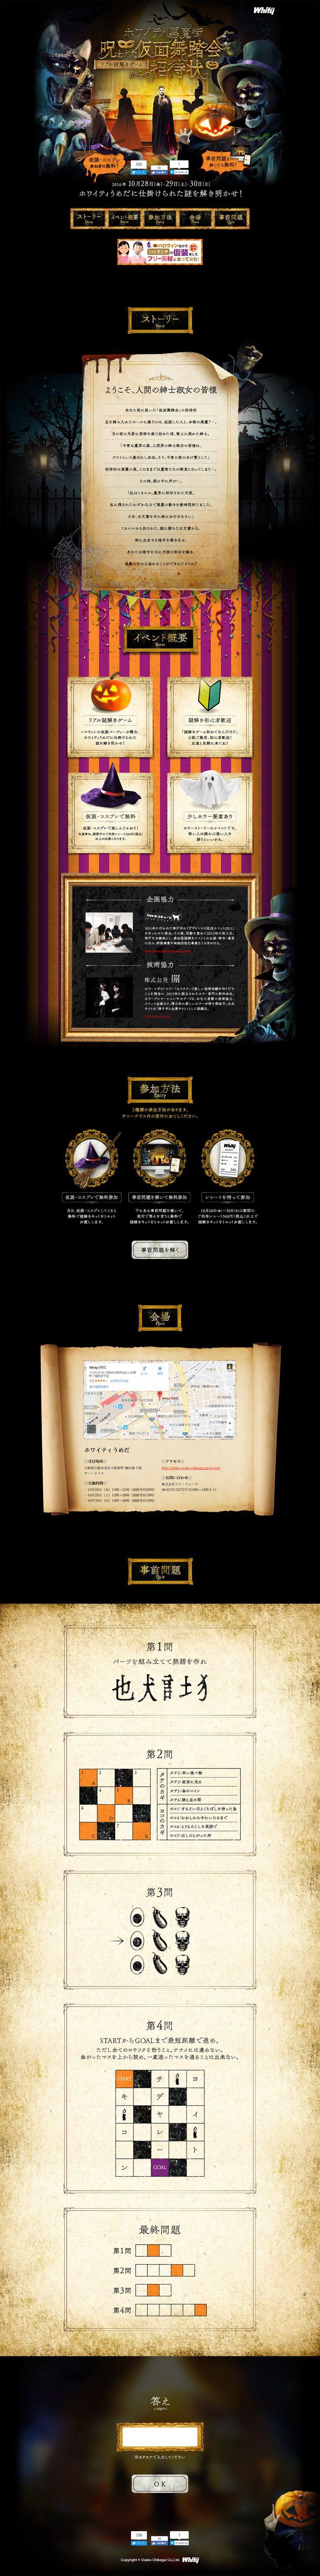 呪われた仮面舞踏会からの招待状【サービス関連】のLPデザイン。WEBデザイナーさん必見!ランディングページのデザイン参考に(神秘系)